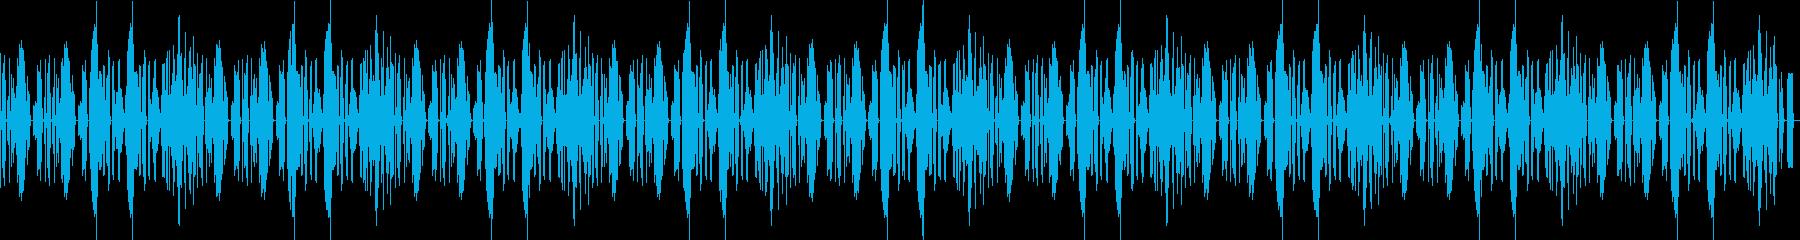 かわいいリコーダーの、のんびりな曲の再生済みの波形